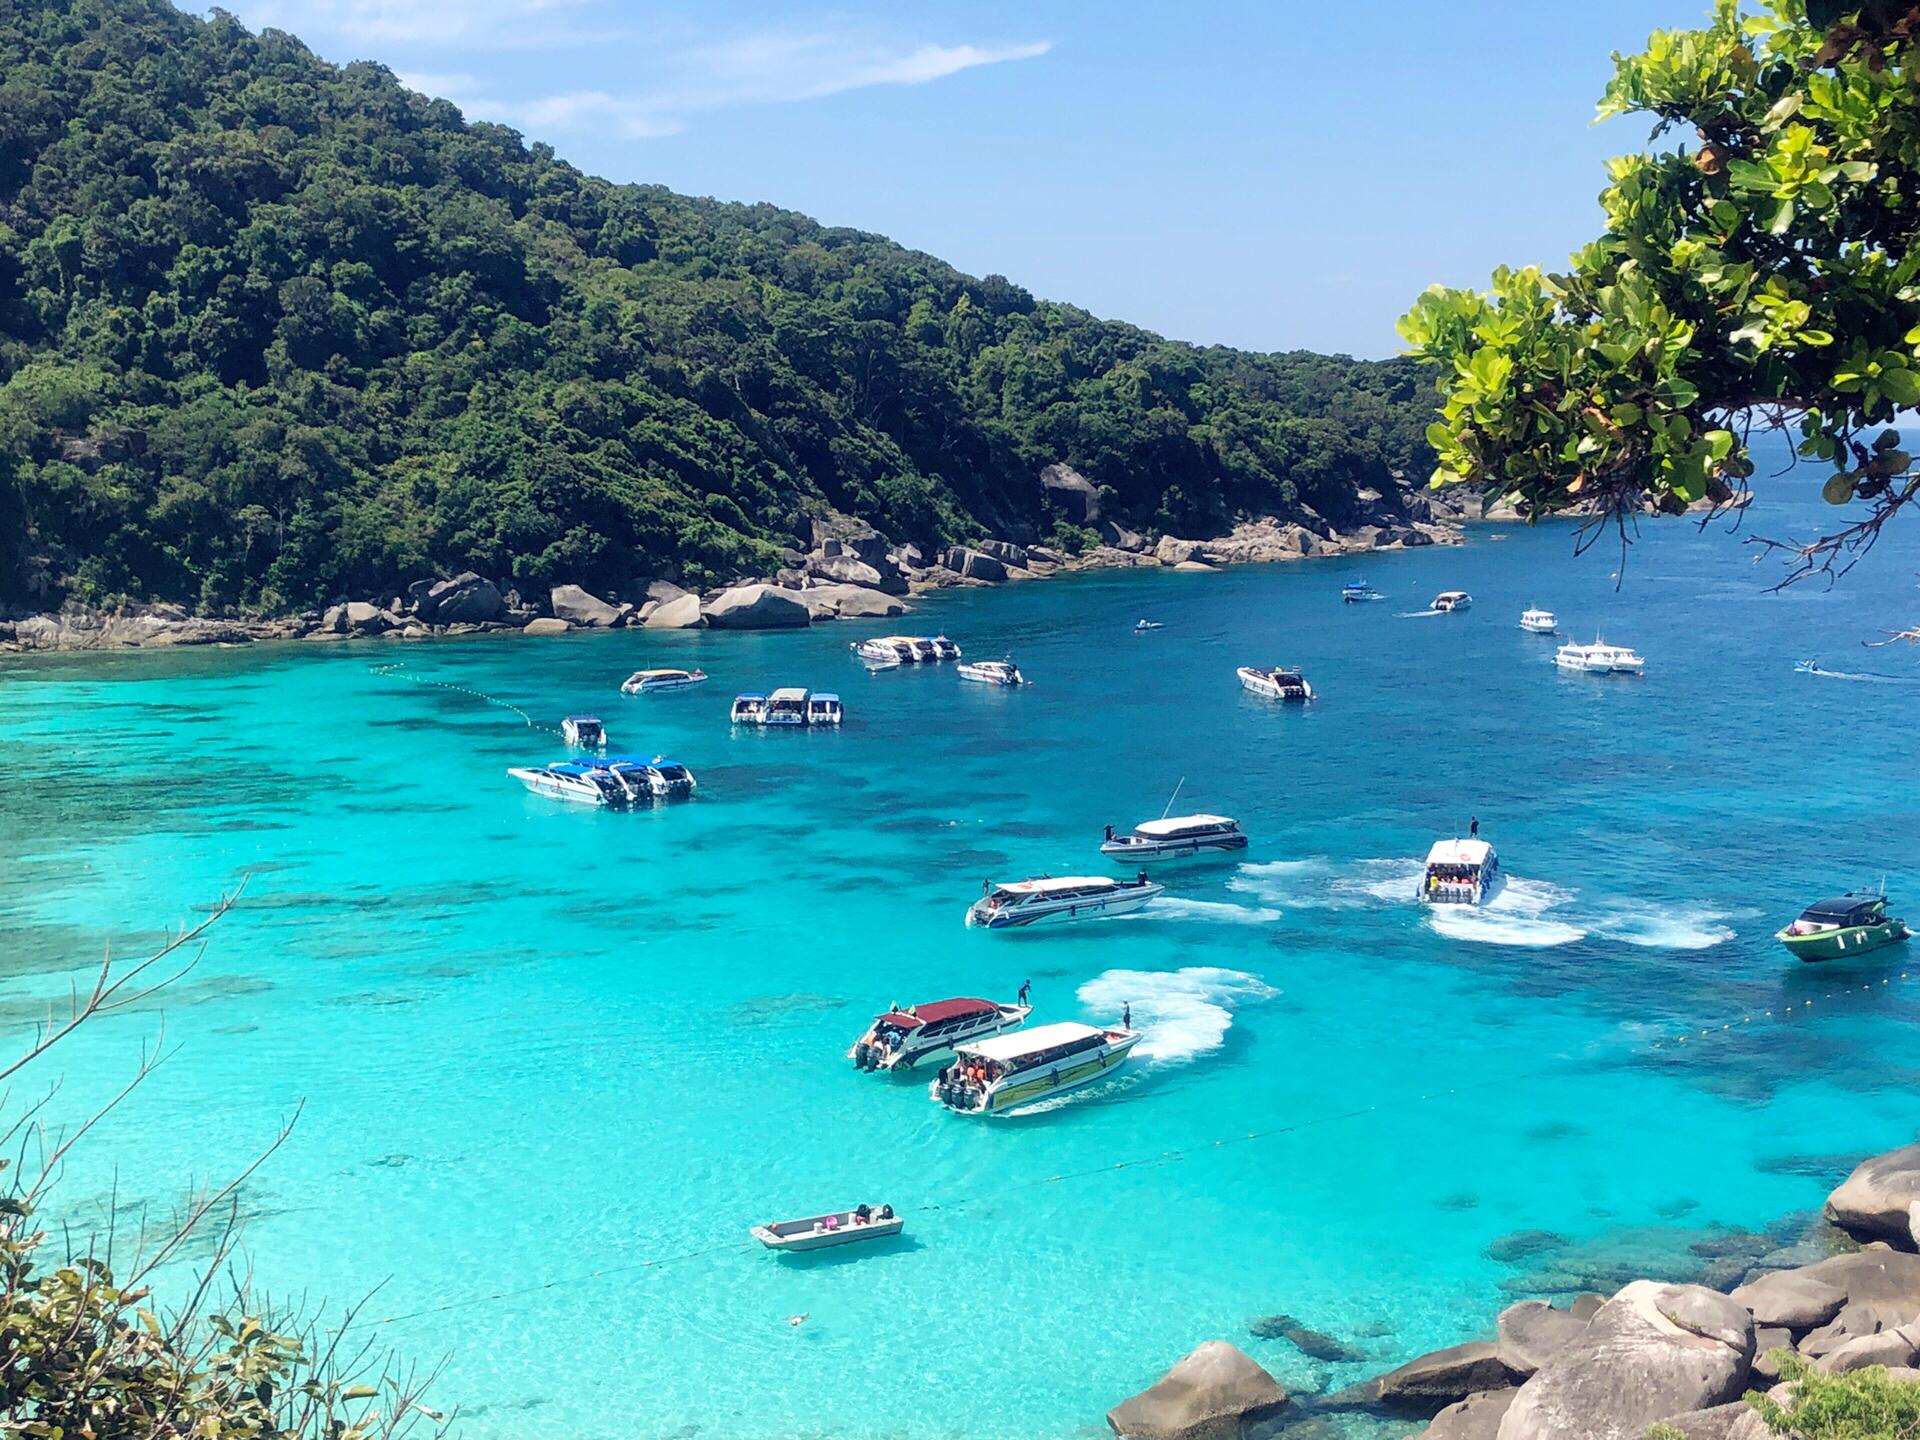 【阳光普吉】PP岛+珊瑚岛+攀牙湾优享6日游